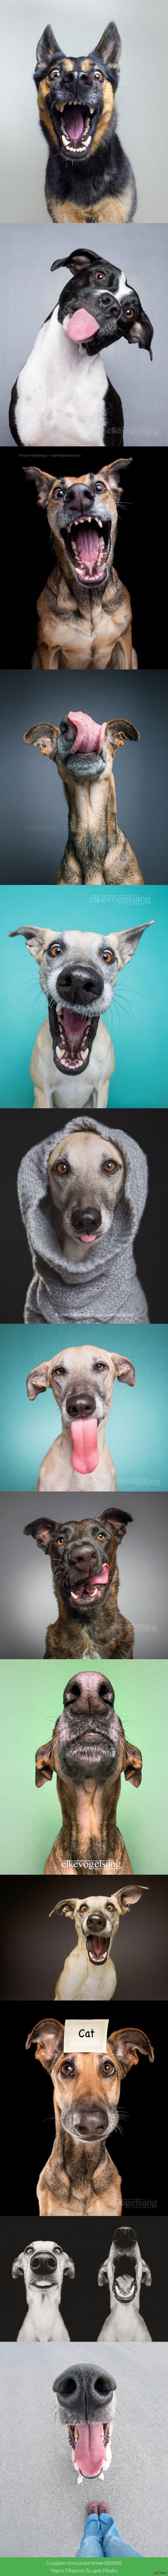 Прикольные собачьи портреты :)